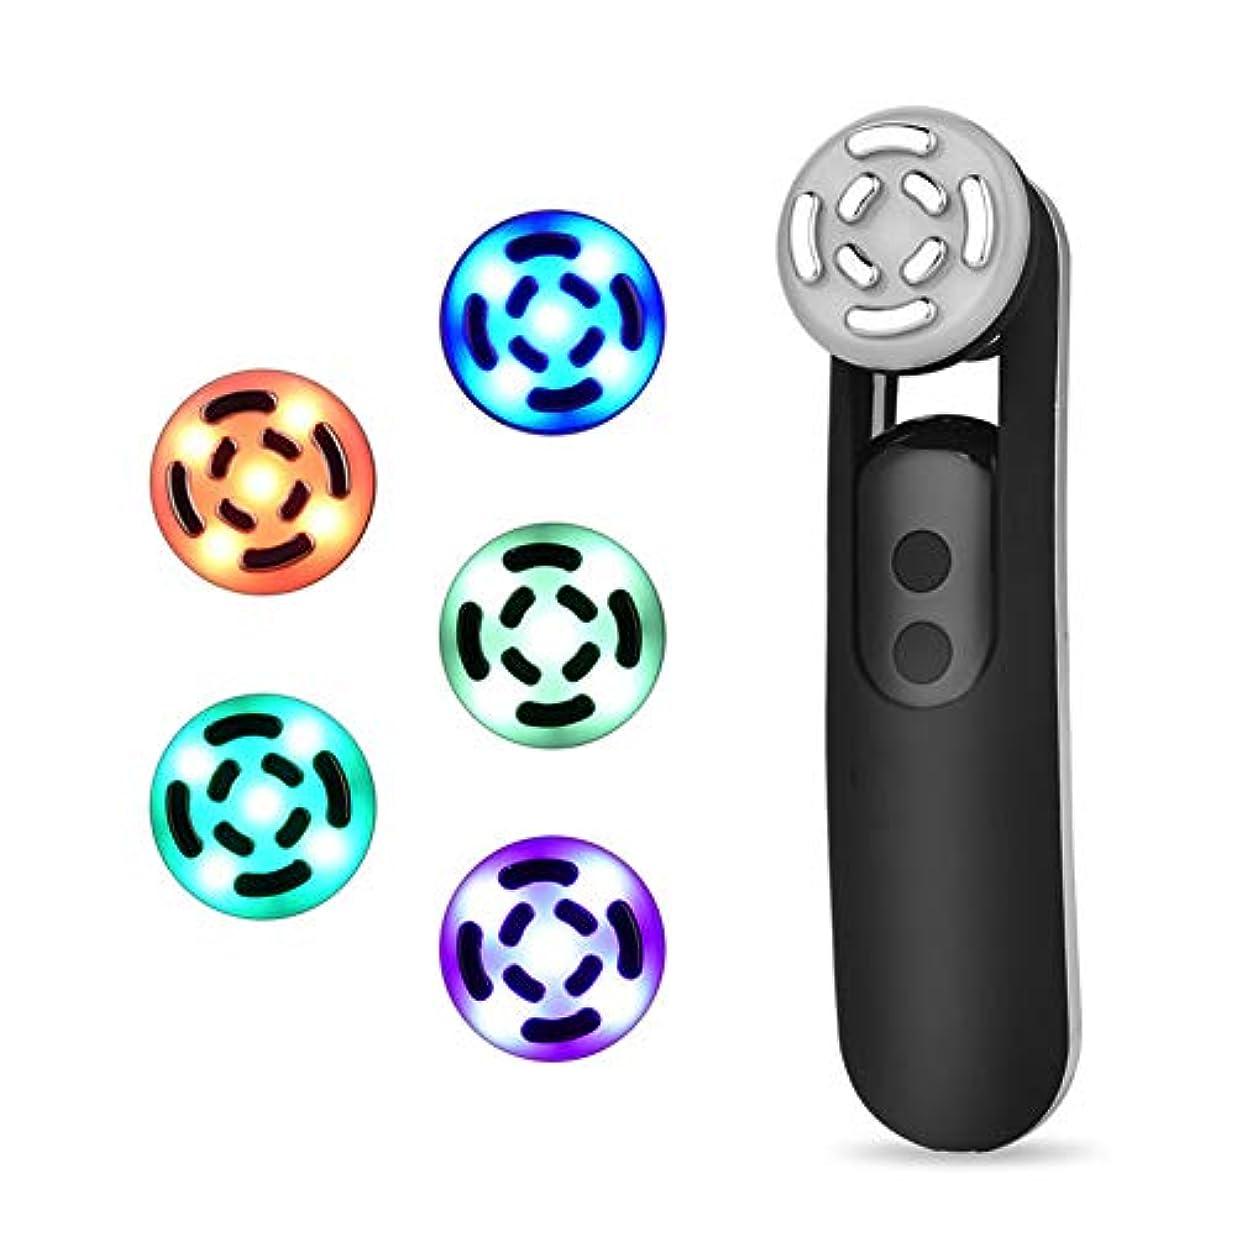 モードリンタイトルオーバーコートフェイシャルマッサージイオンフェイシャルクレンジングアンチエイジングファーミングスキンマイクロショックテクノロジー5色LEDライト若返りしわ美容機器,Black